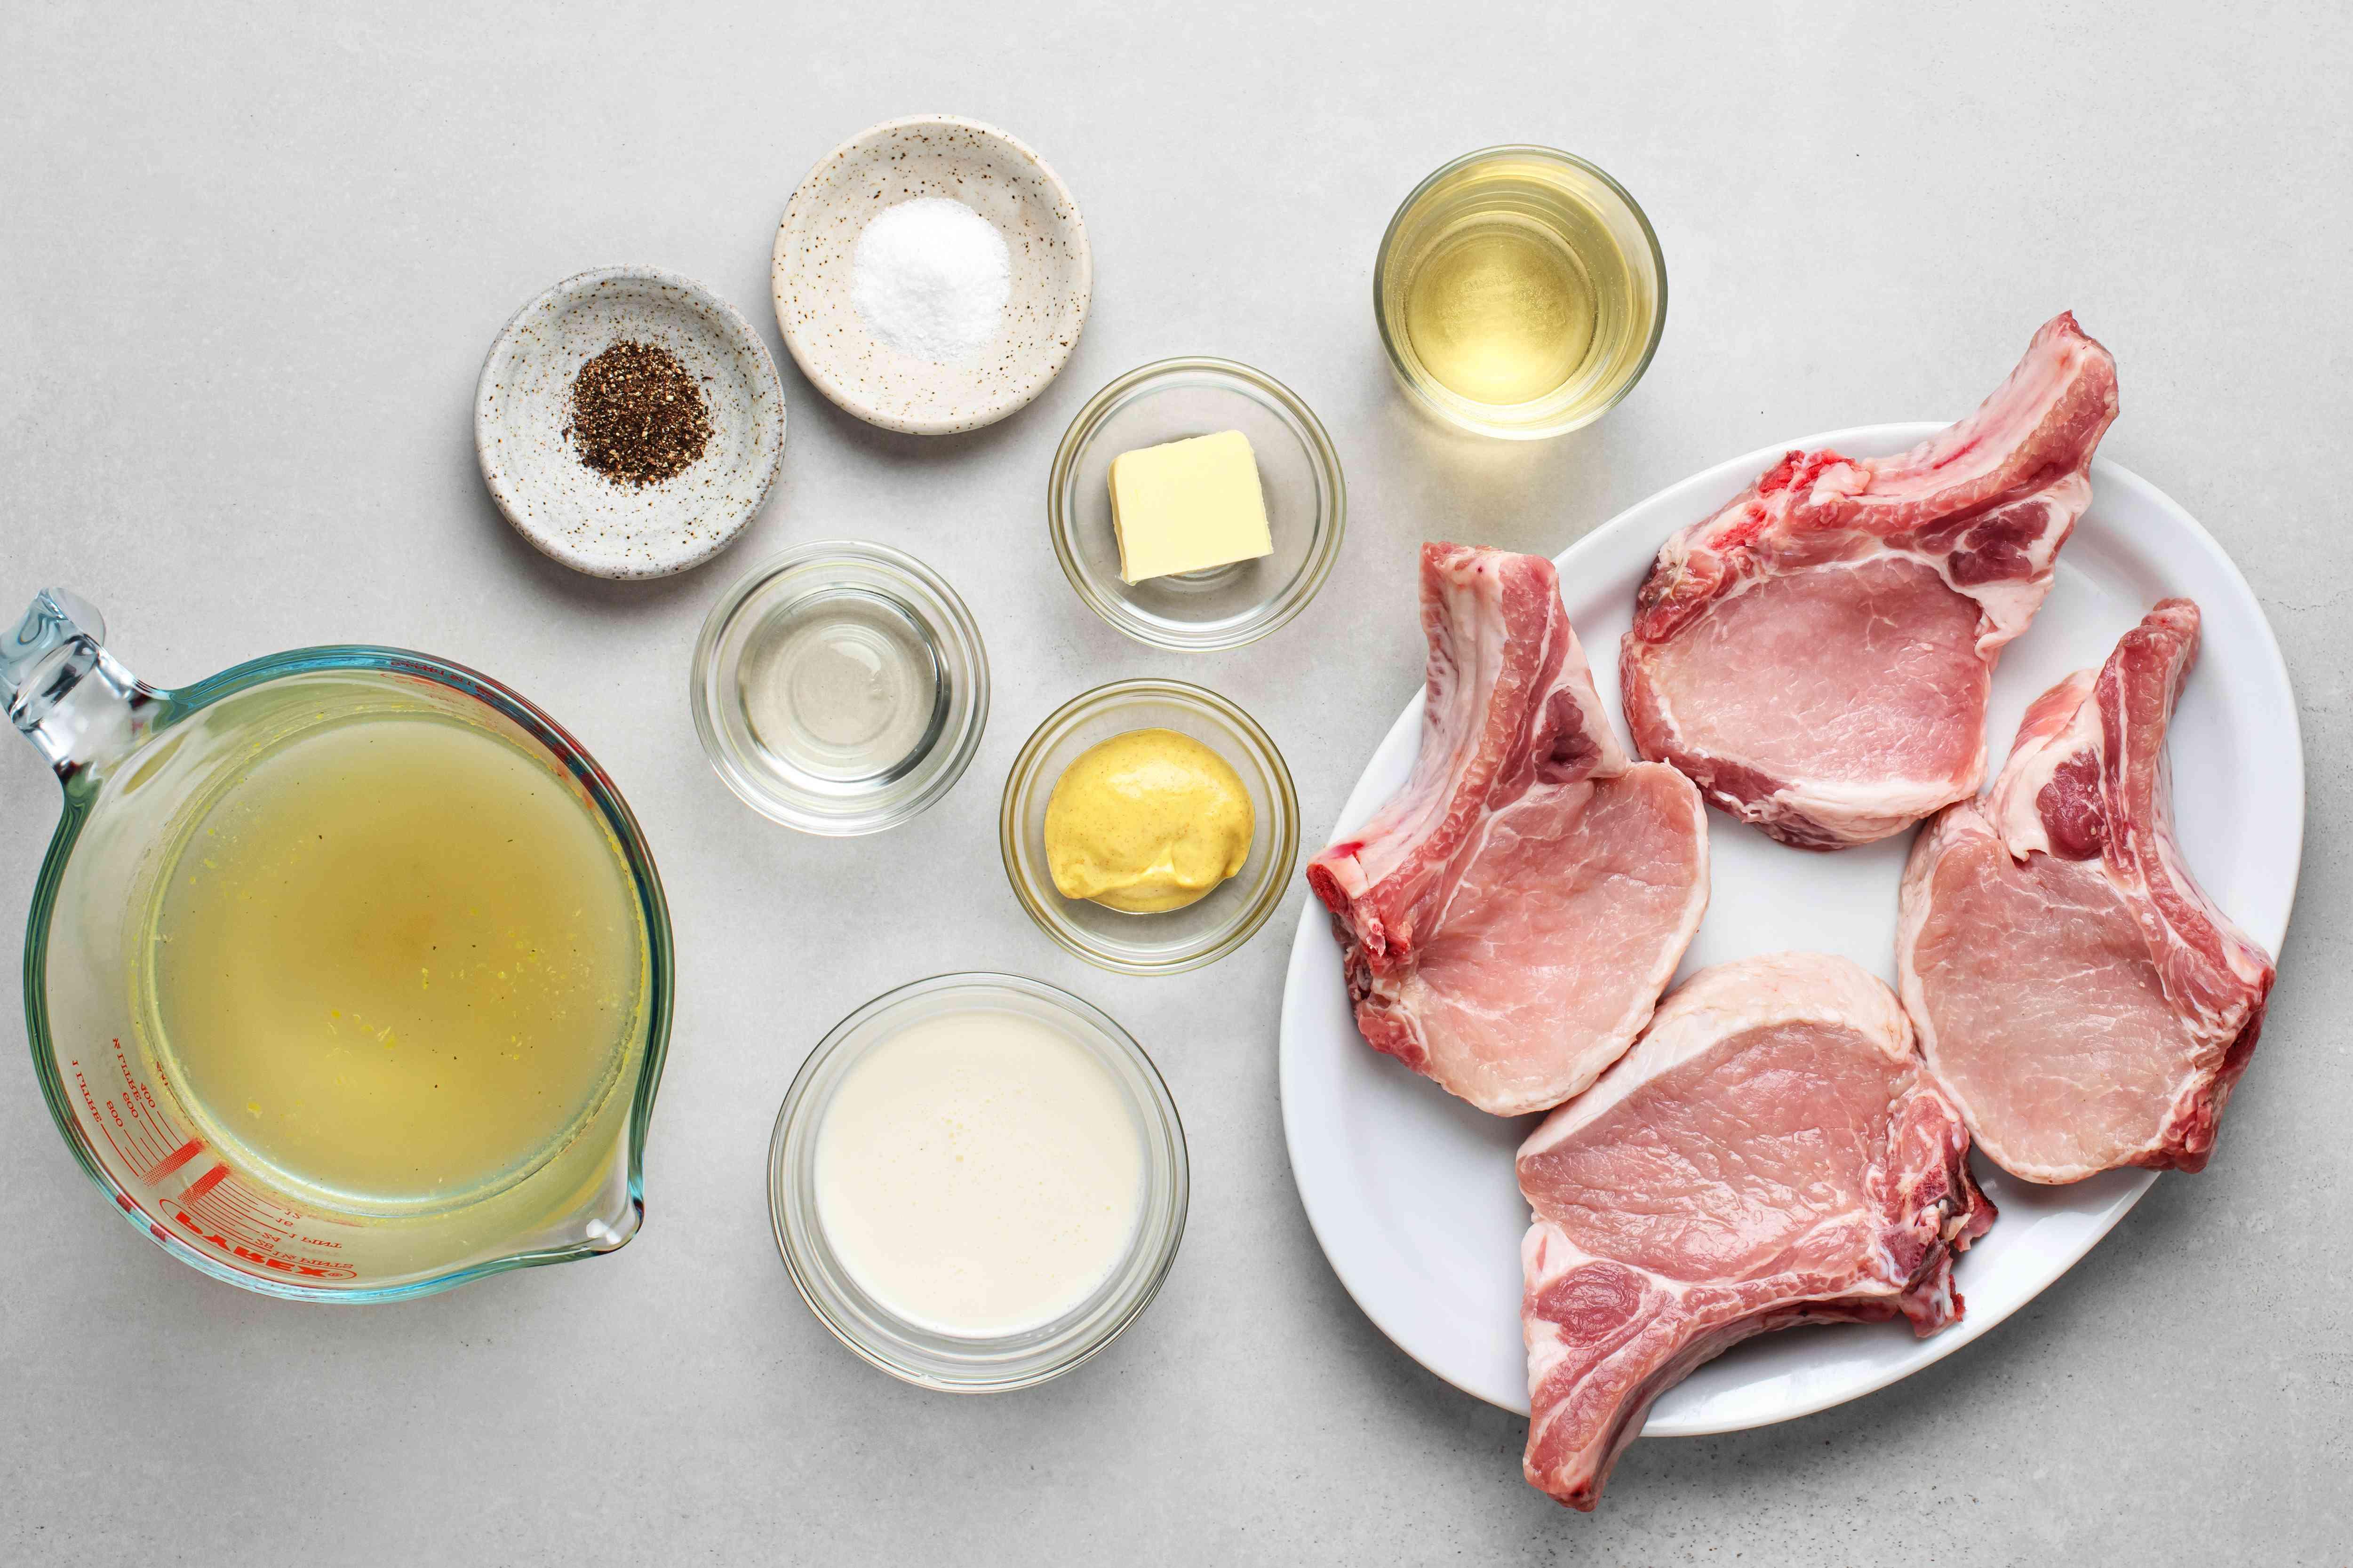 pork chop ingredients